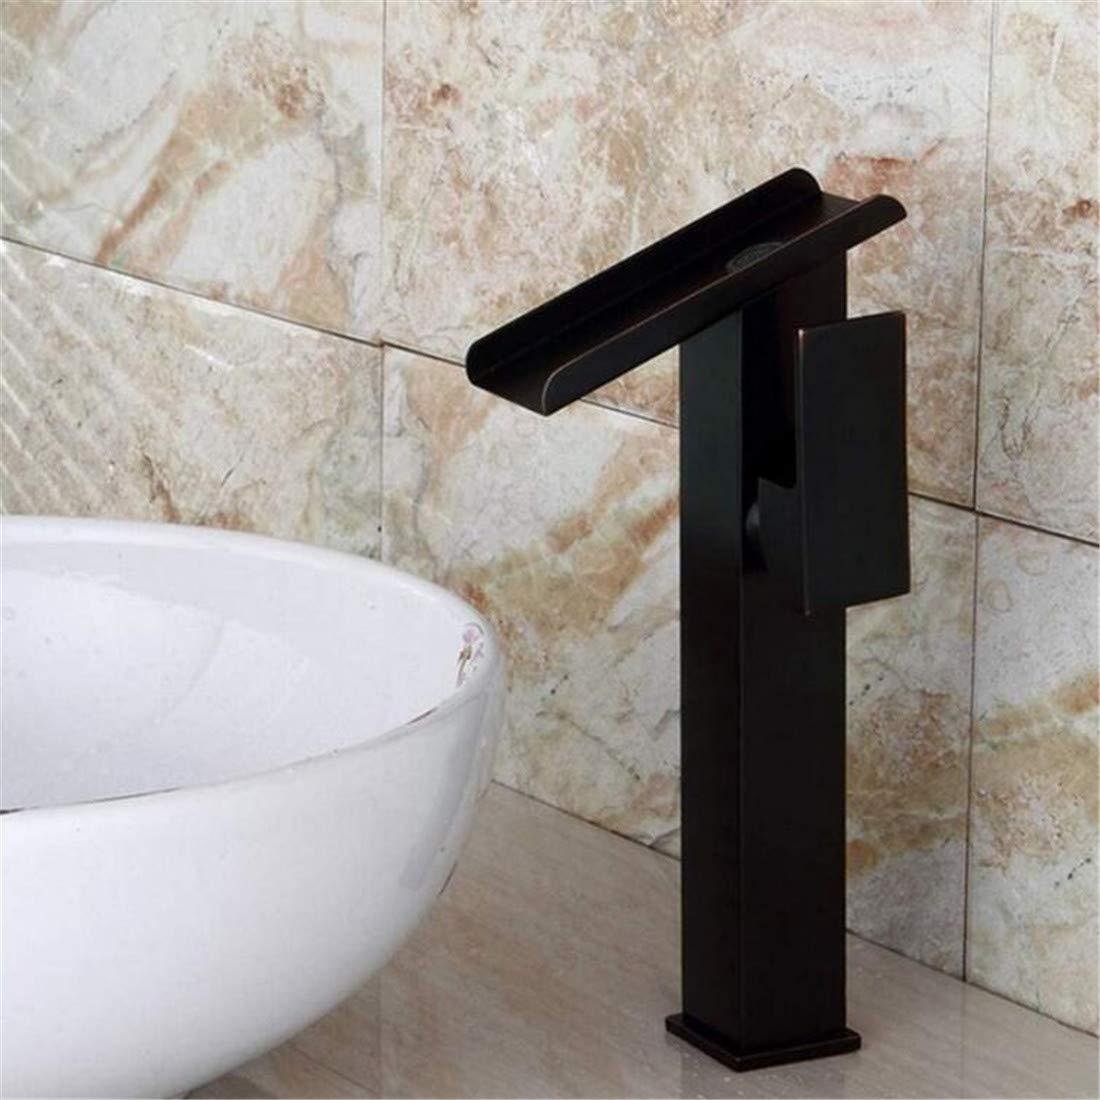 Retro Heißer Und Kalter Wasserhahn Mixer Luxusüberzugmoderner Kreativer Schwarzwasser Angetriebener Höherer Wasserhahn-Badezimmer-Becken-Hahn